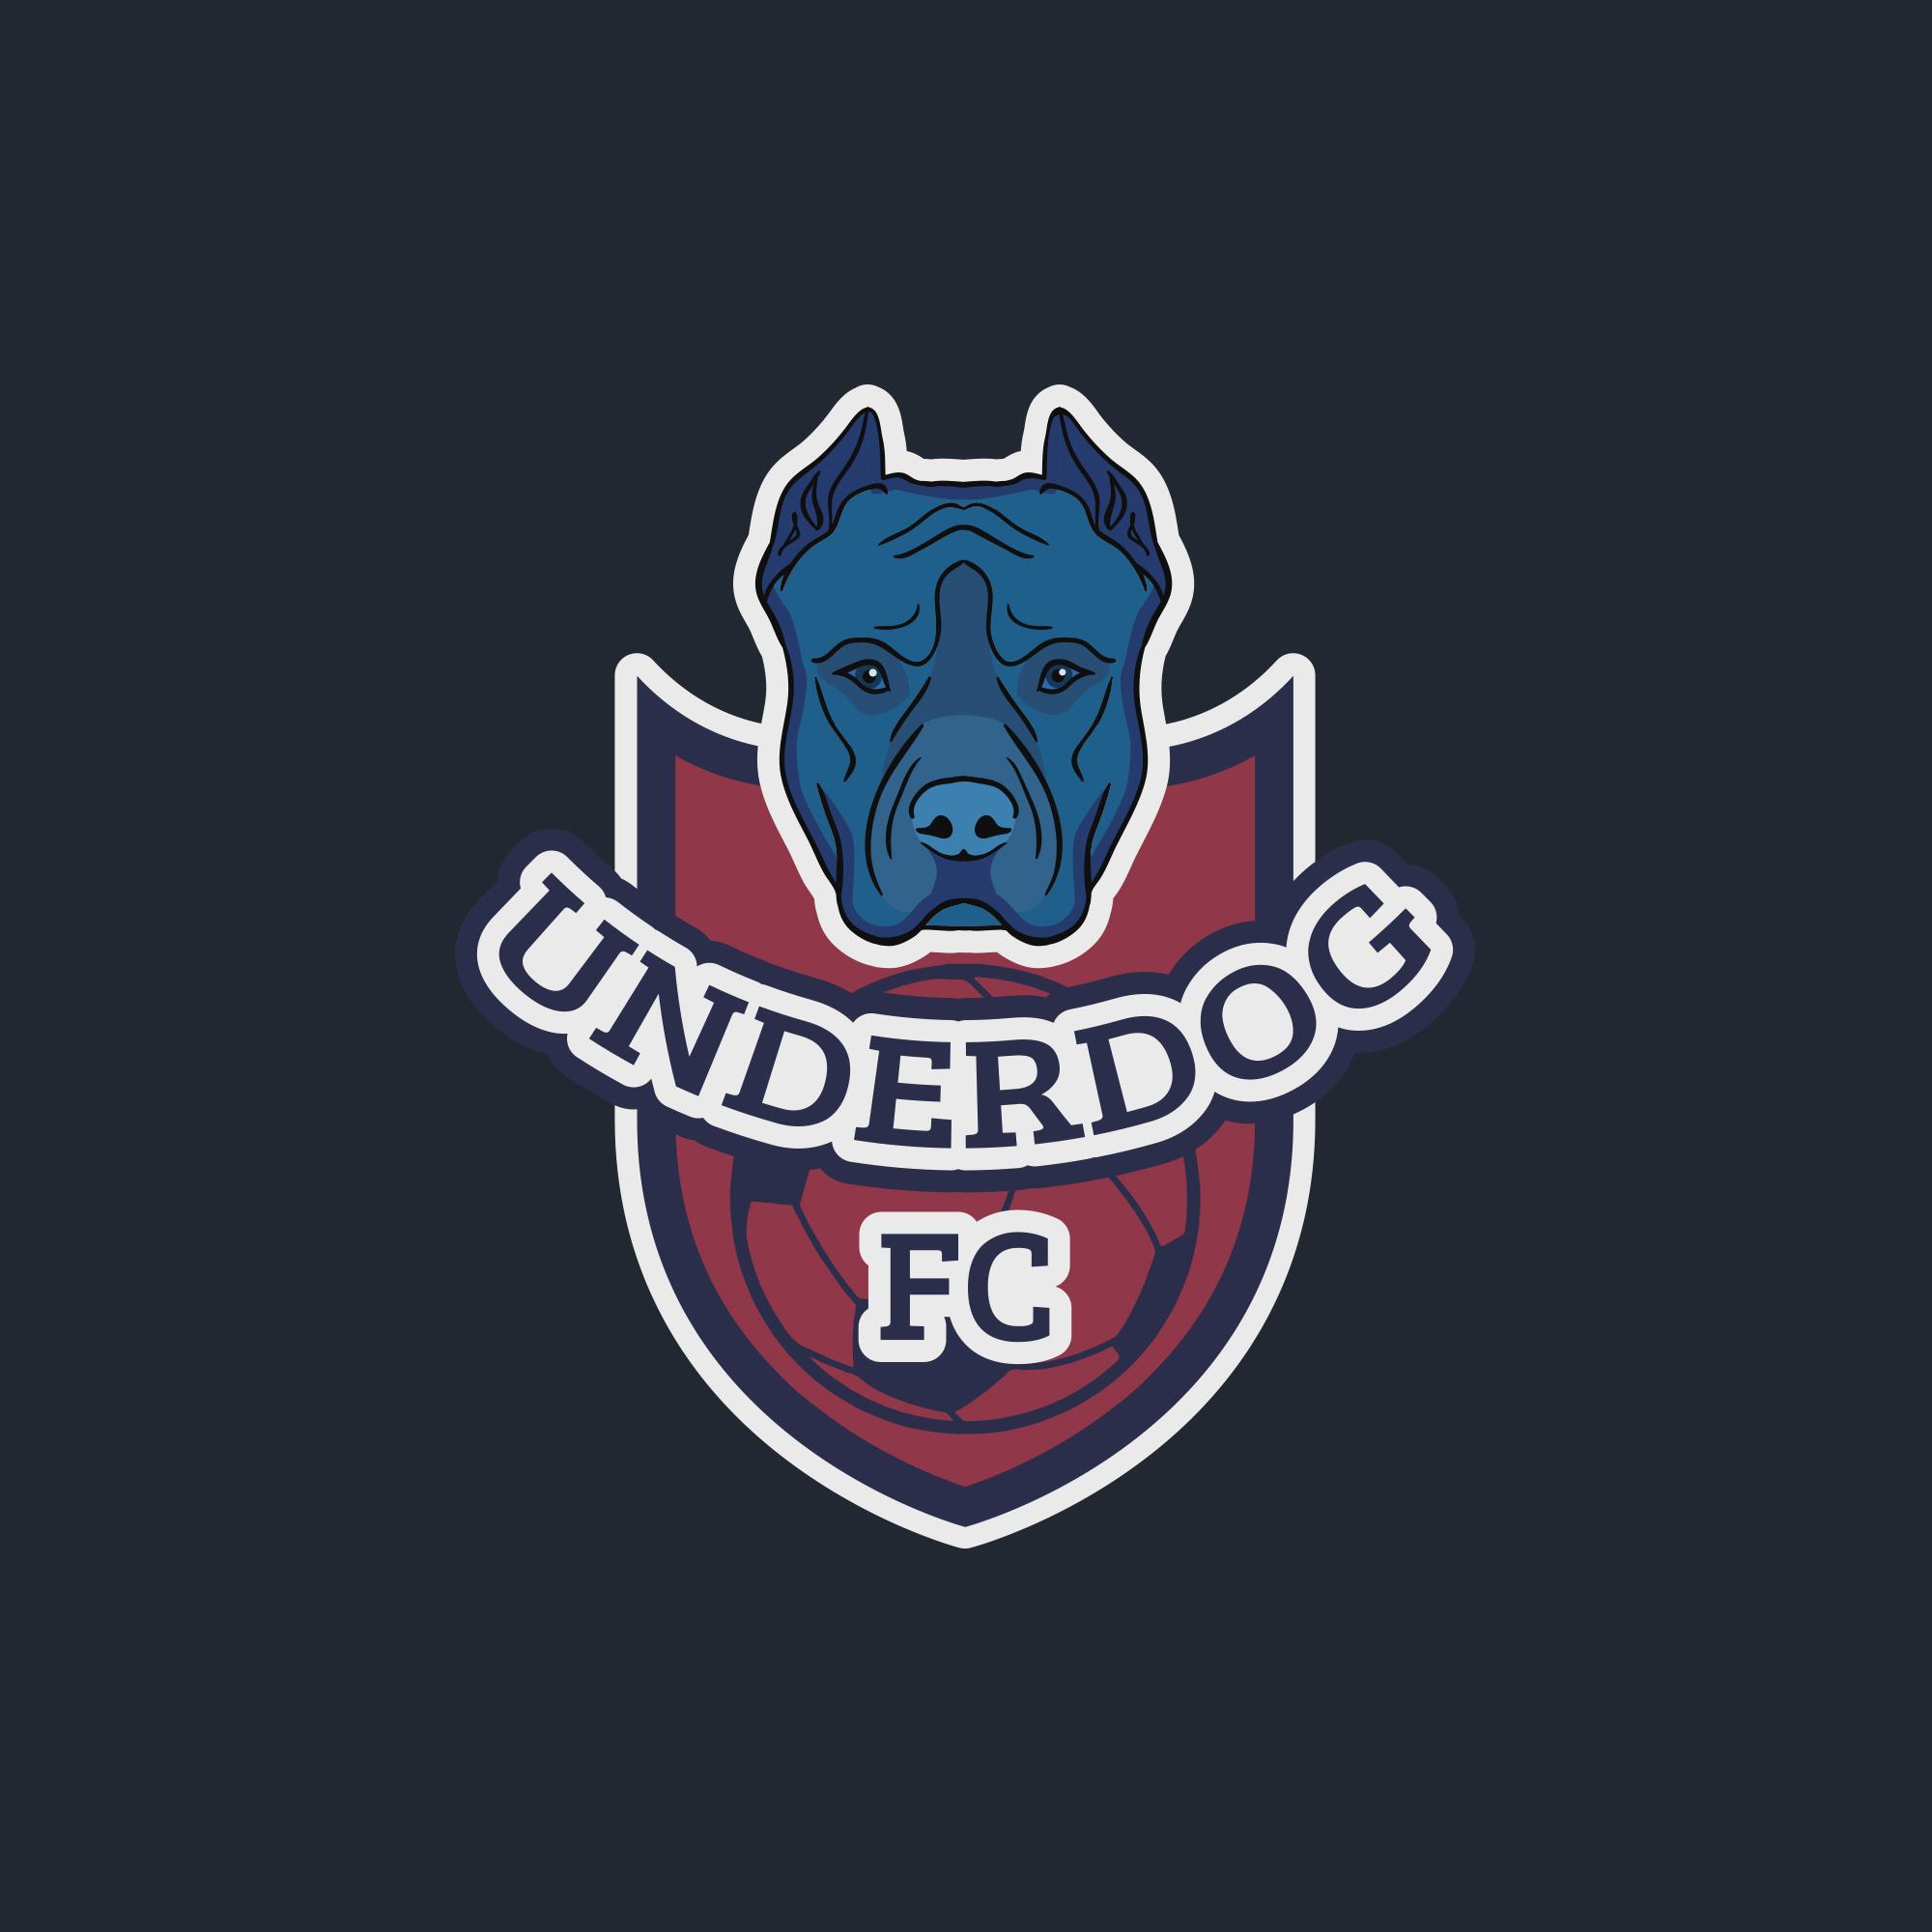 Футбольный клуб UNDERDOG - разработать фирстиль и бренд-бук фото f_0155caf90f630aba.jpg